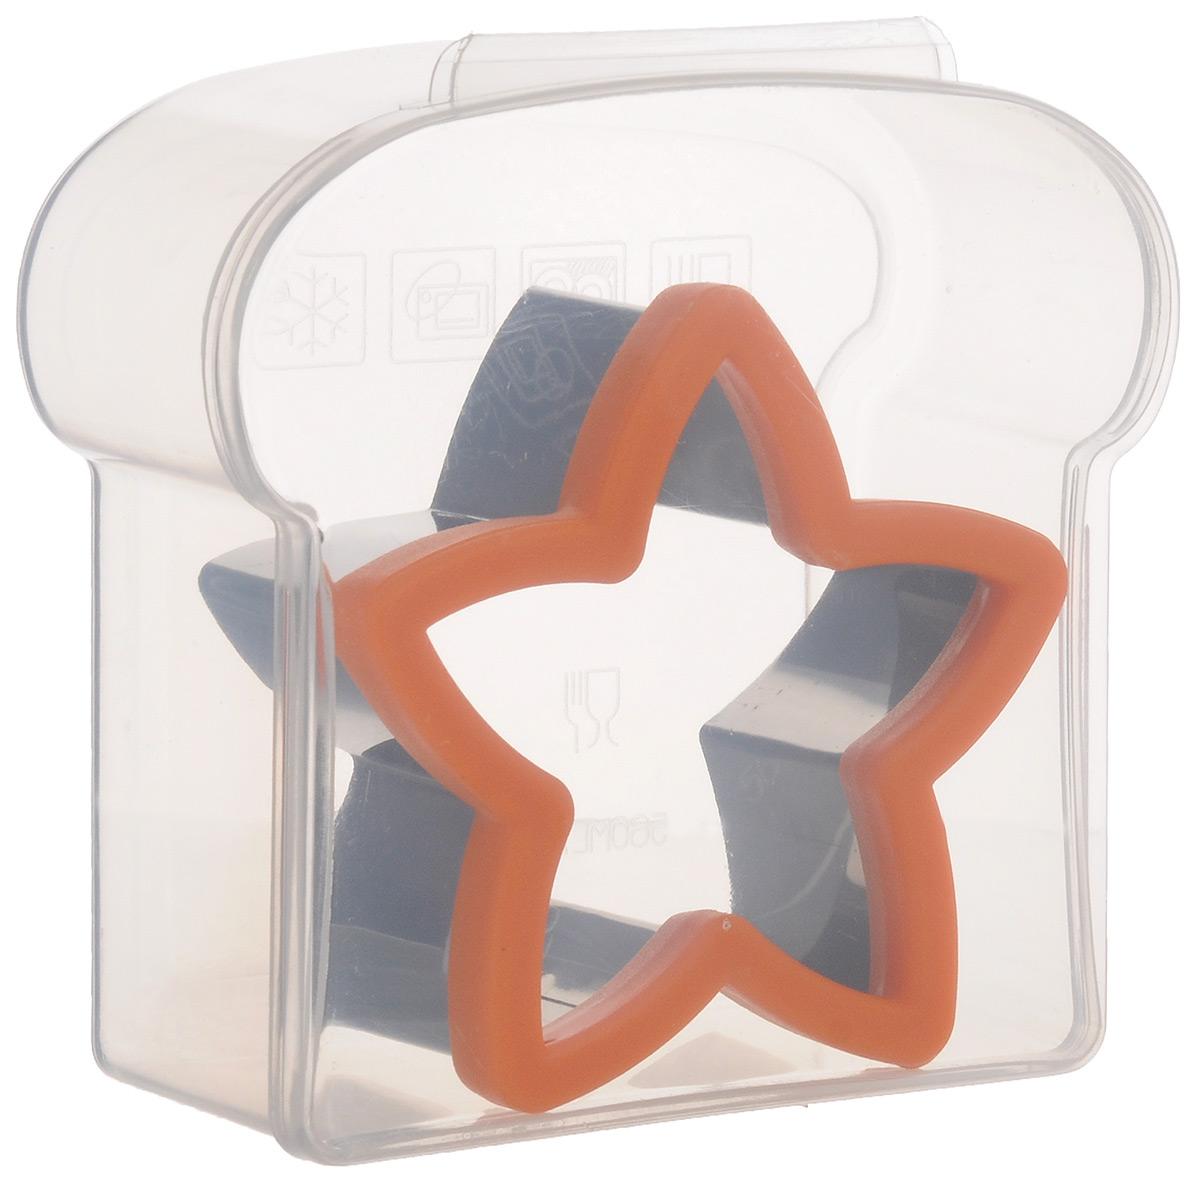 Форма для сэндвича Mayer & Boch Звезда, с контейнером24002Форма для сэндвича Mayer & Boch Звезда изготовлена из нержавеющей стали и пластика. Острая кромка позволяет вырезать фигурки не только из теста, но также из хлеба. Такая форма поможет создавать сэндвичи оригинальной формы и радовать удивительным оформлением всю вашу семью. В комплекте - пластиковый контейнер с герметичной крышкой в форме сэндвича для хранения бутербродов. Можно мыть в посудомоечной машине, не использовать в микроволновой печи. Размеры формы: 10,5 см х 10,5 см х 4,5 см.Размеры контейнера: 14 см х 13,5 см х 5,5 см.